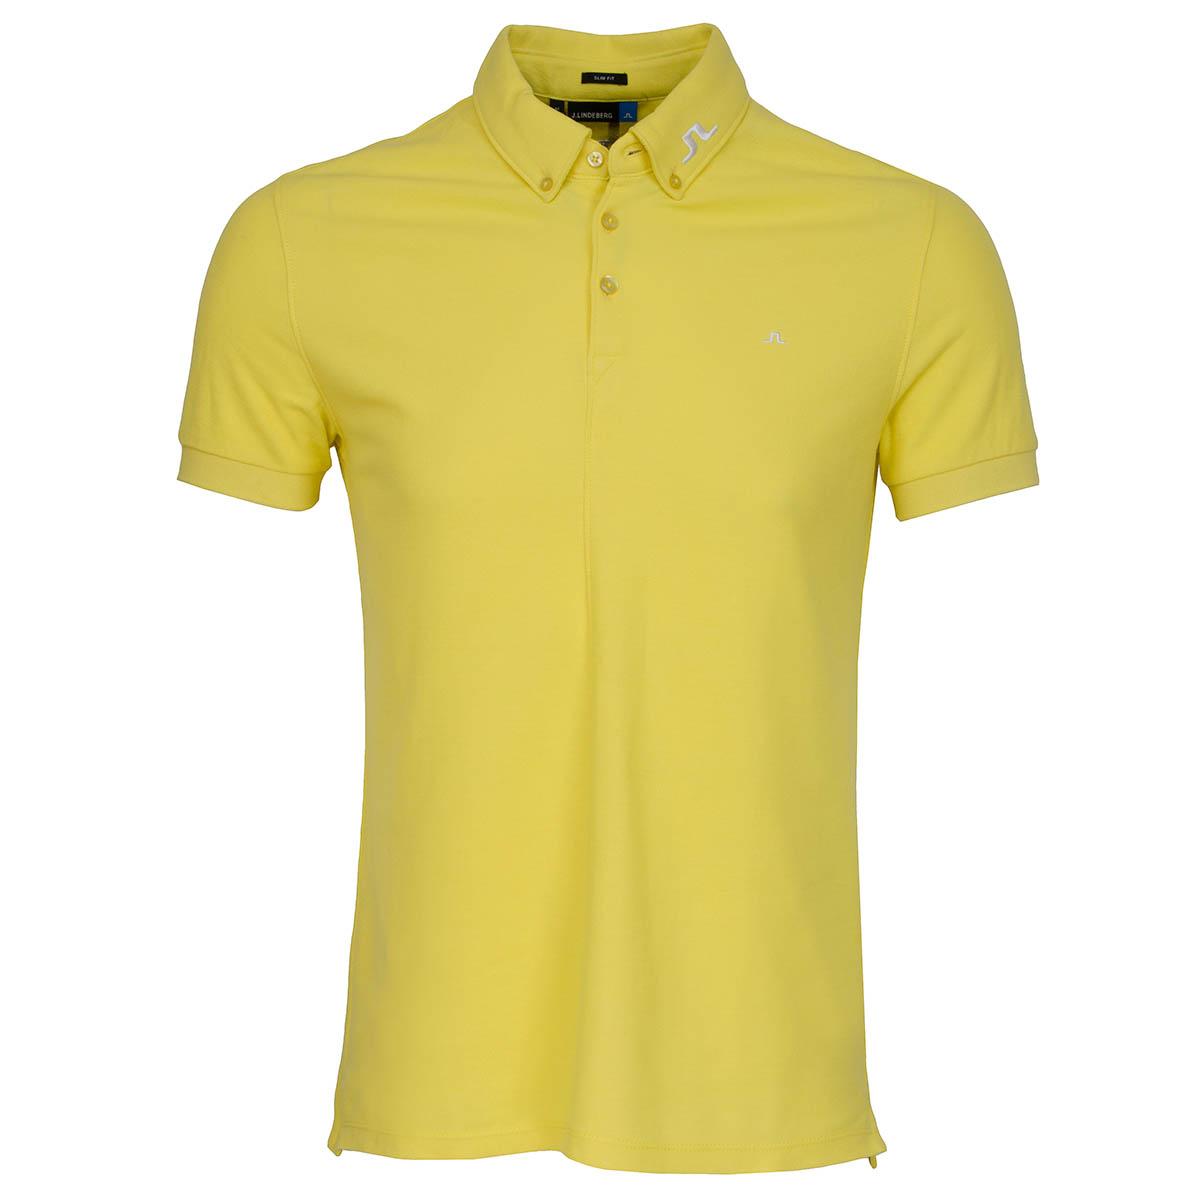 J lindeberg rubi bd tour logo polo shirt sunny yellow for Yellow golf polo shirts